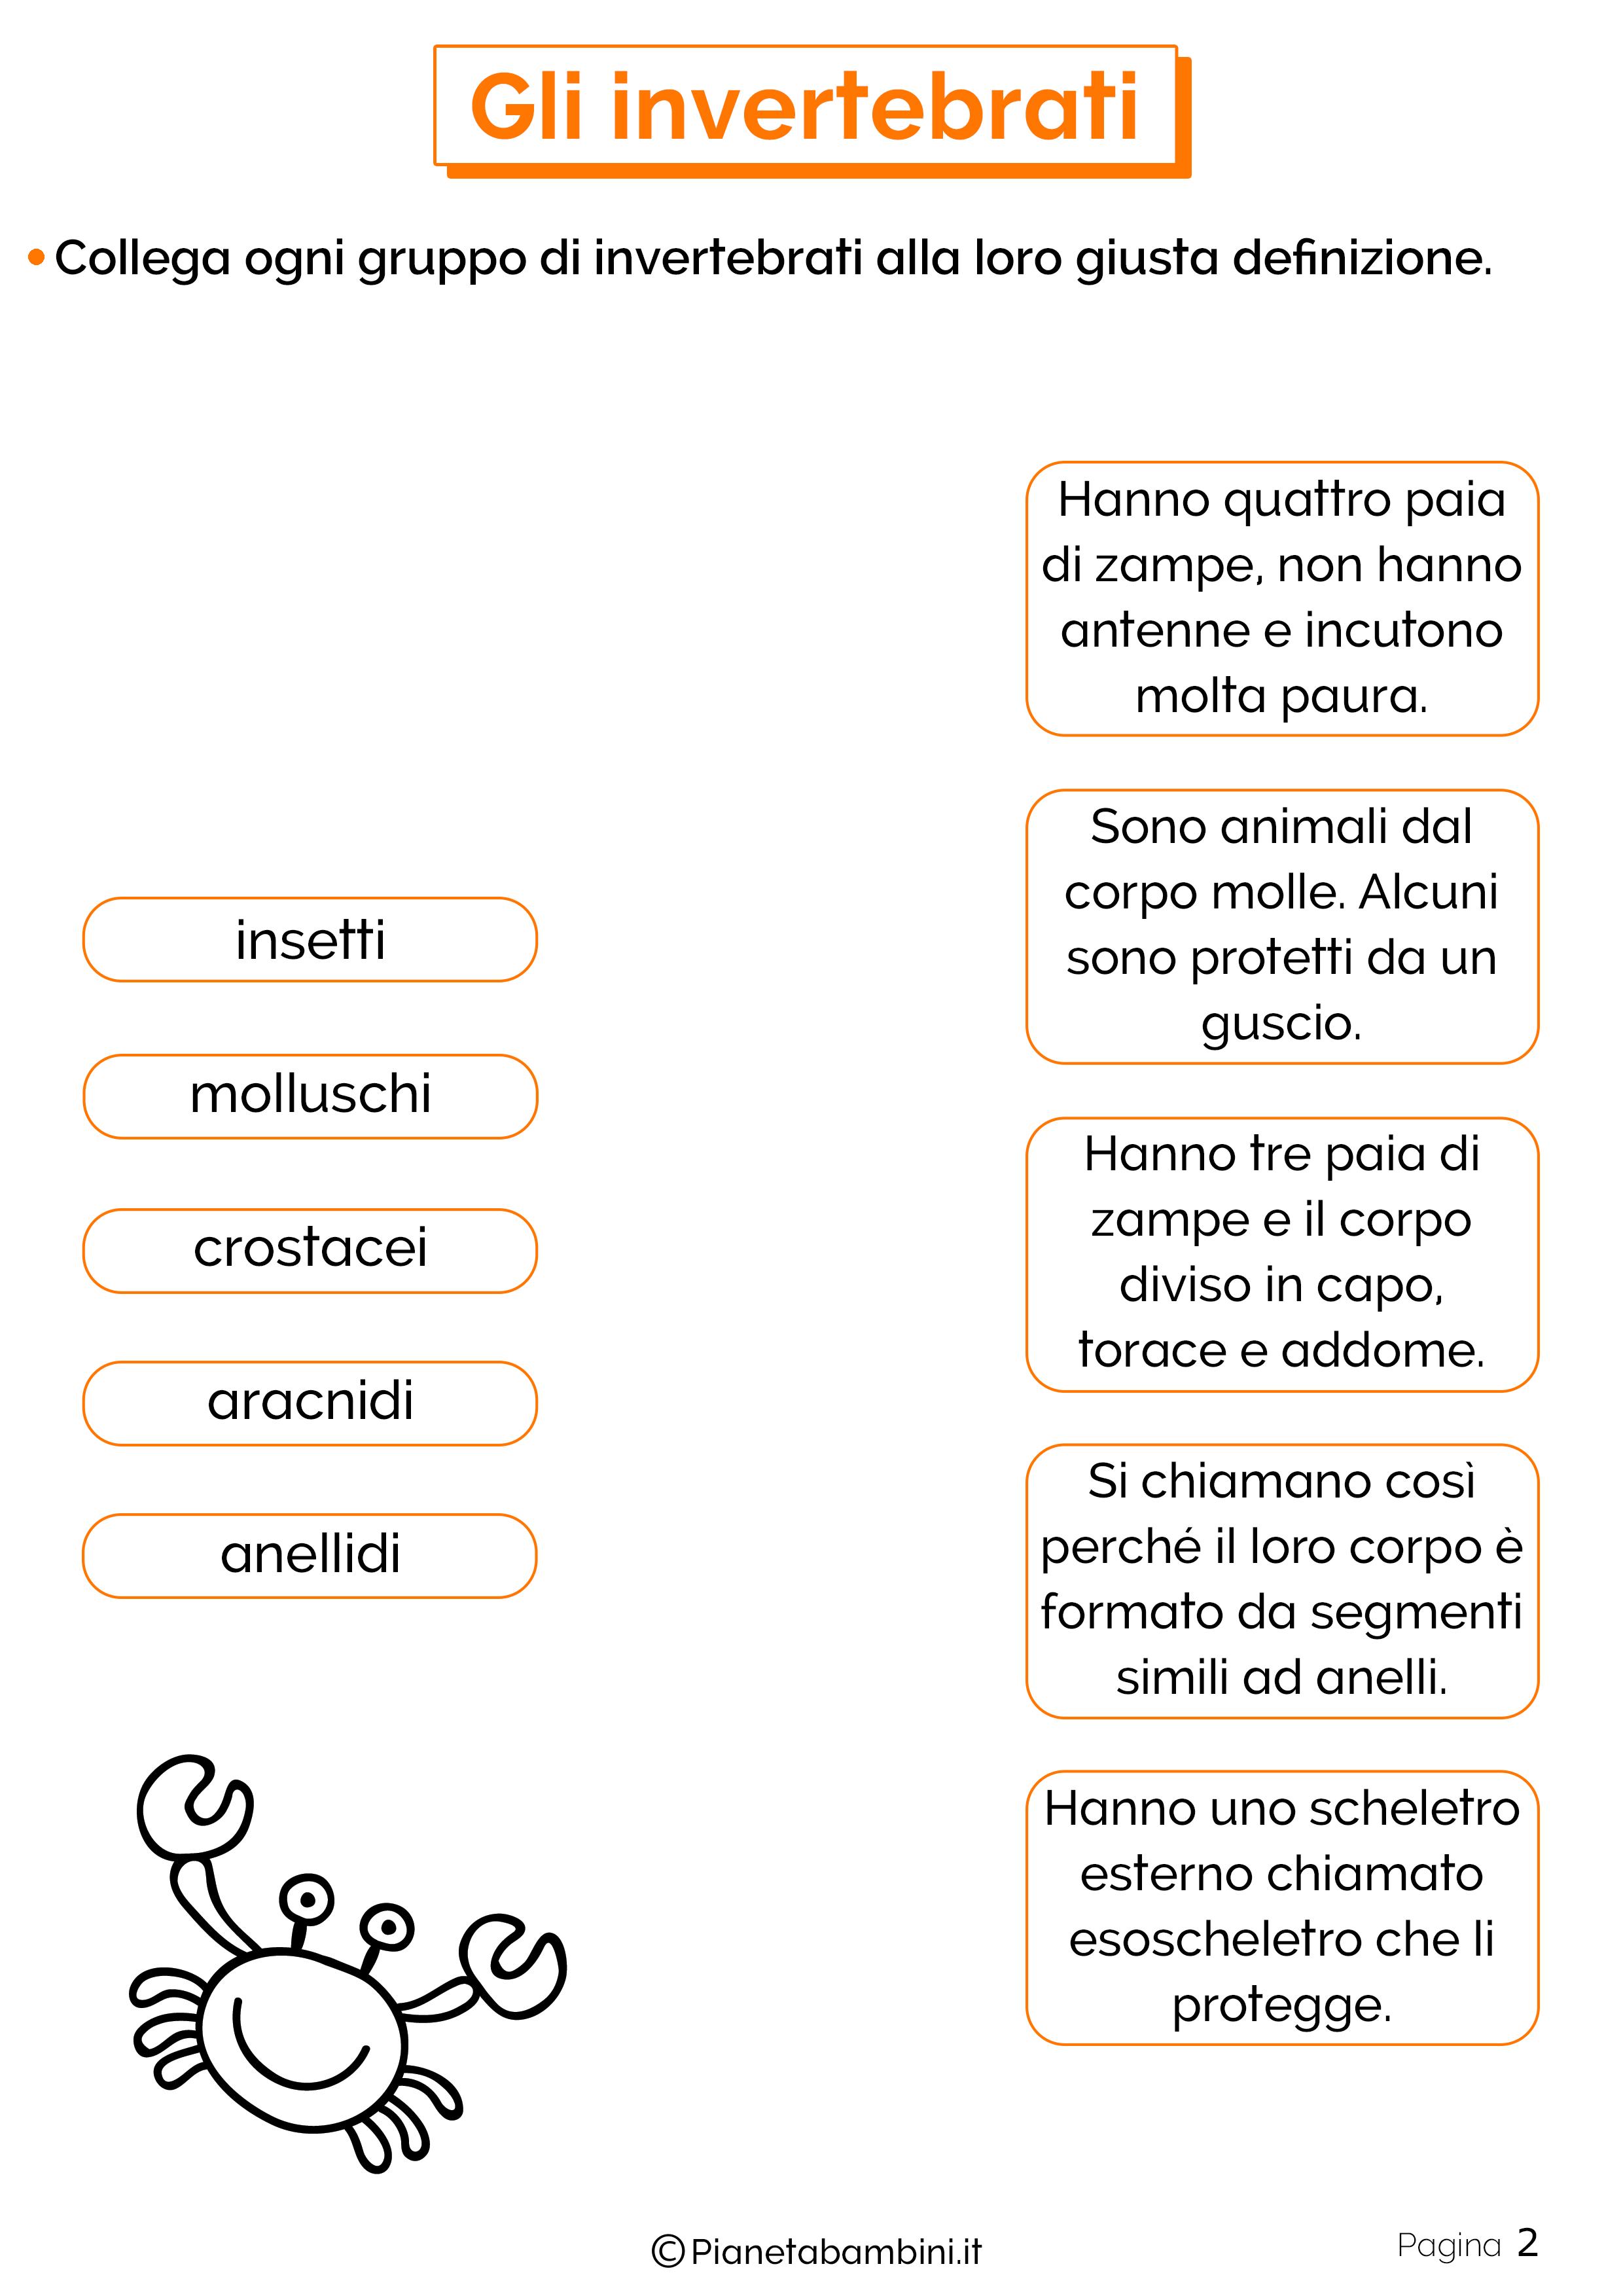 Esercizi sugli animali invertebrati 2